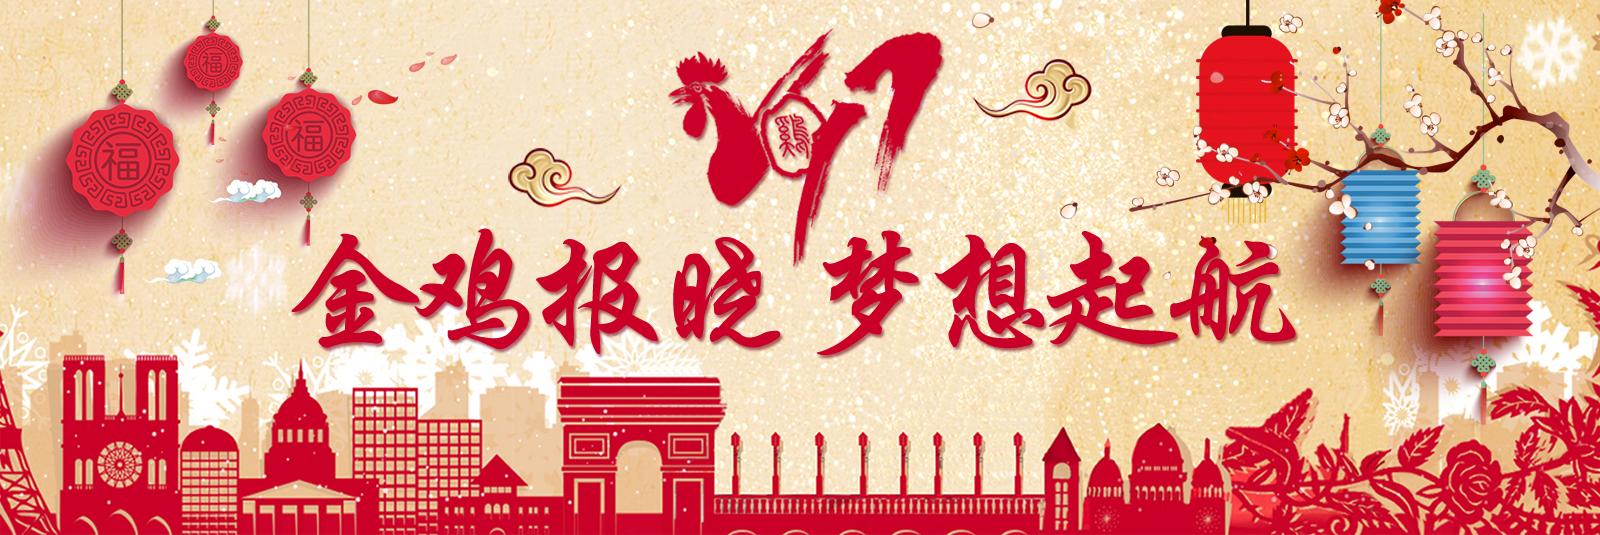 郑州欣盈阳光全体员工给您拜年了!